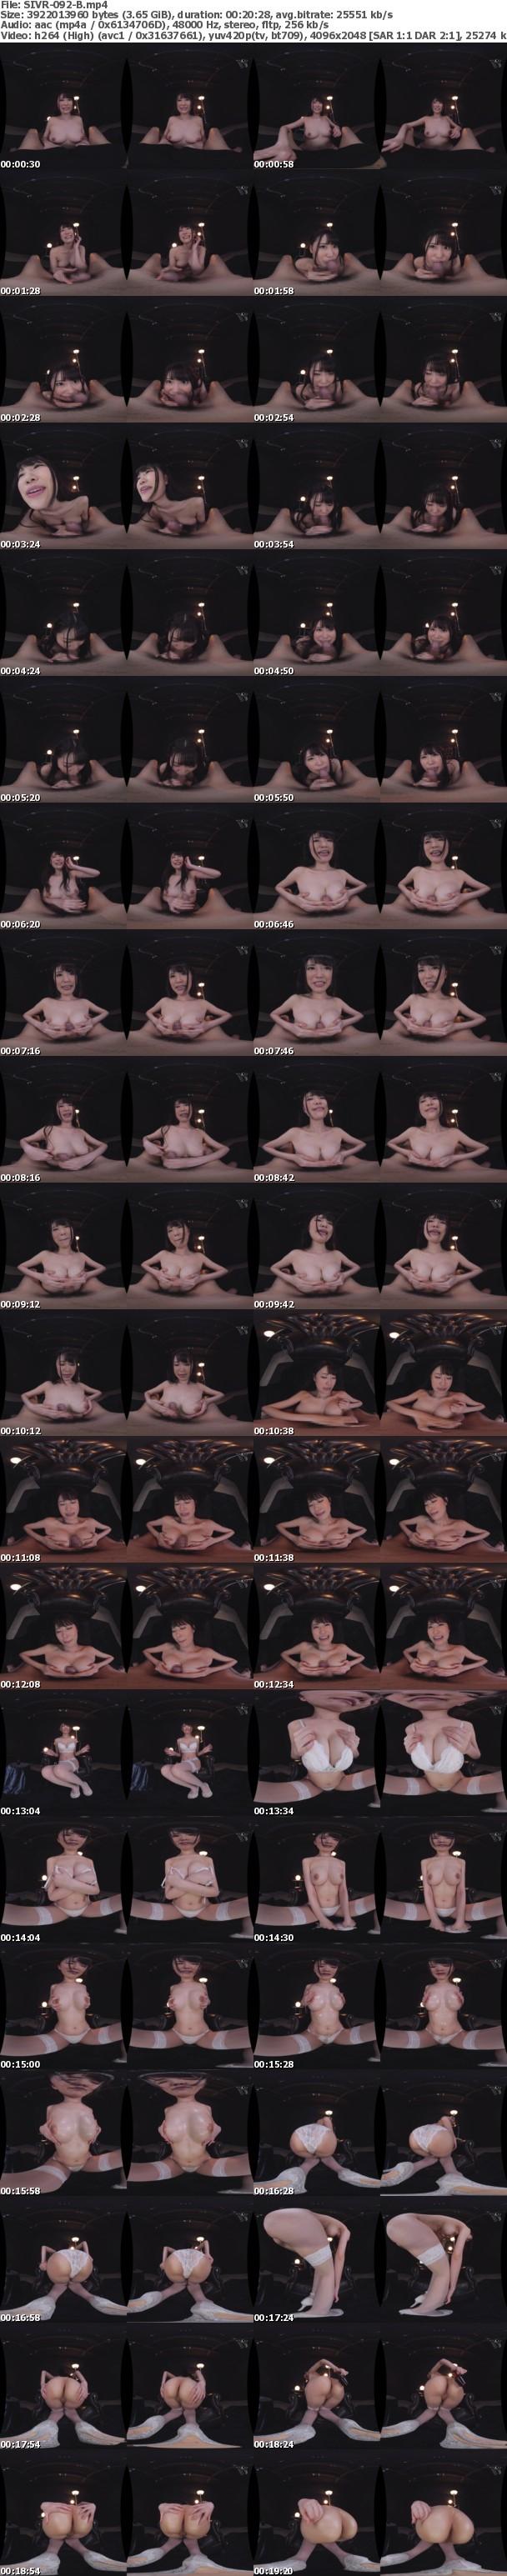 (VR) SIVR-092 とにかく業界最高峰ボディを間近で見ながらオナニーしたい人向けの女体優先アングル!エグい程の肉感VR 花宮あむ